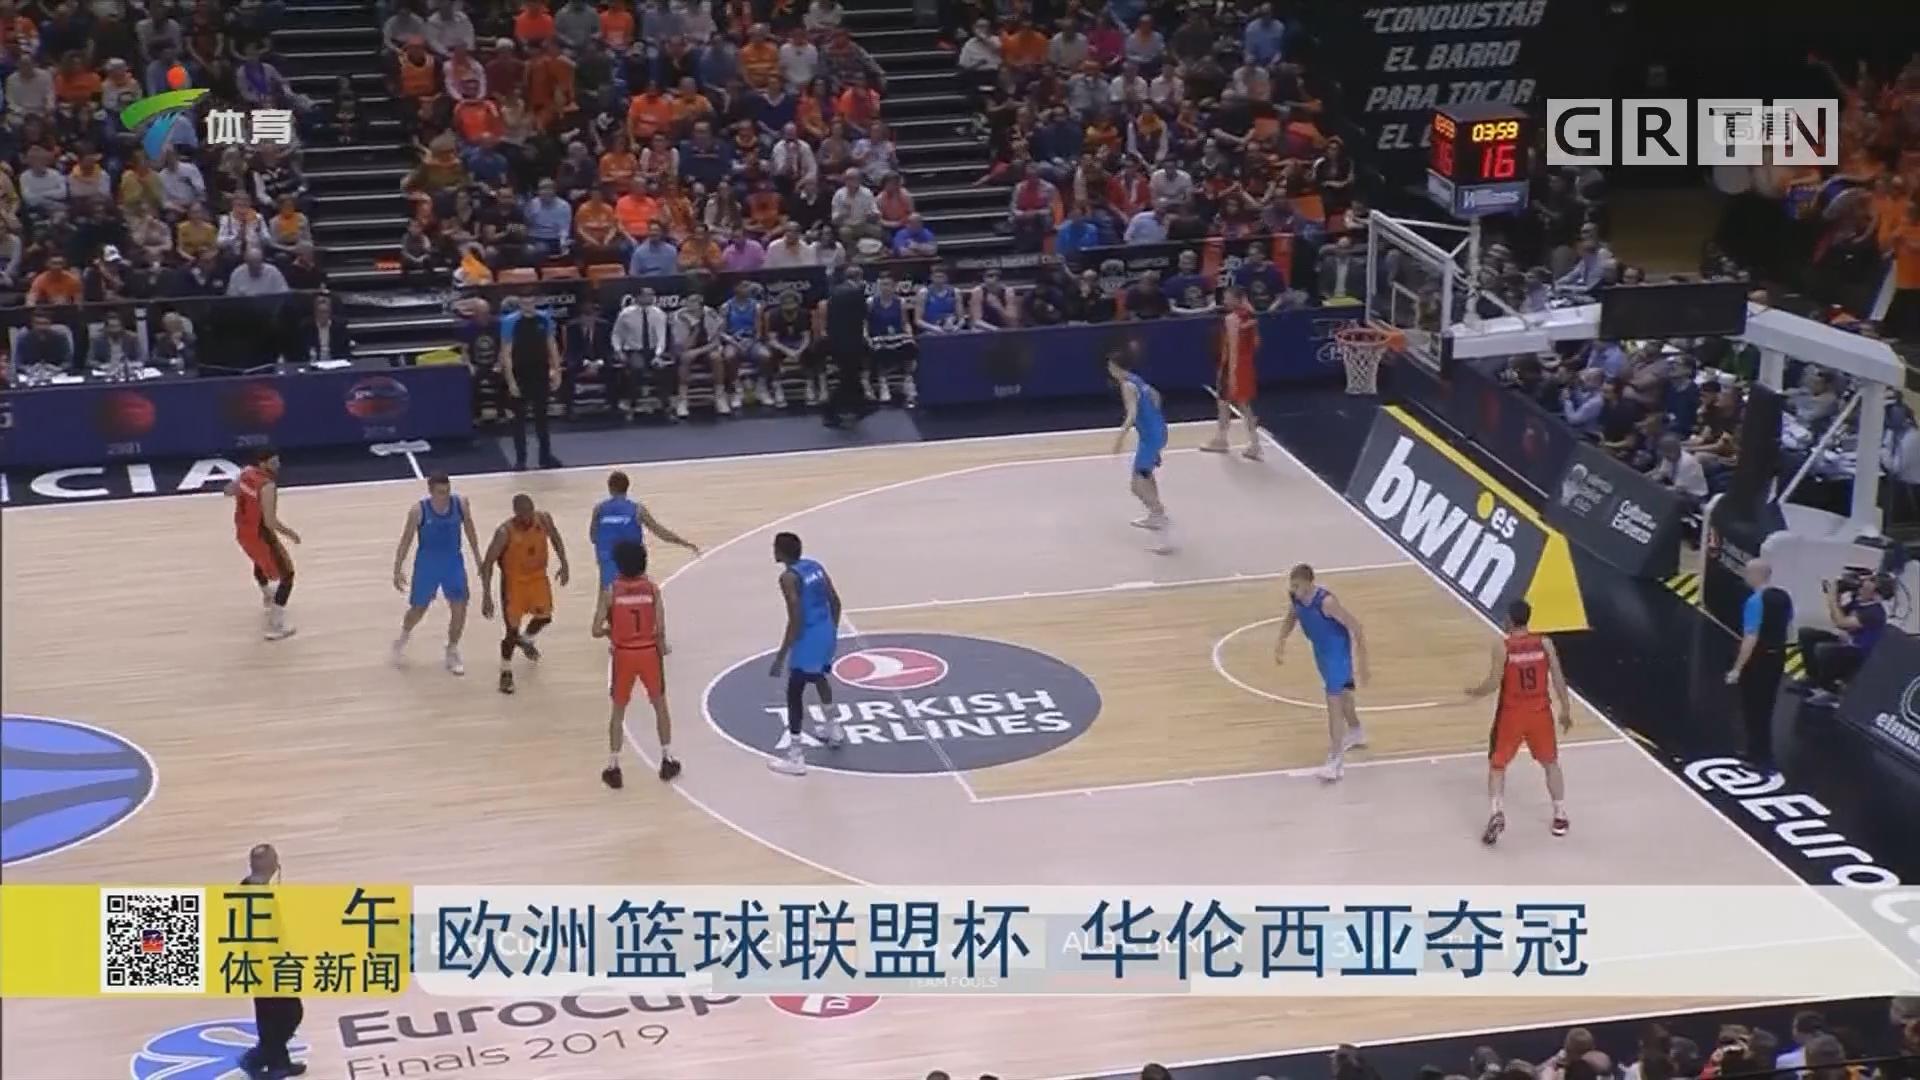 欧洲篮球联盟杯 华伦西亚夺冠